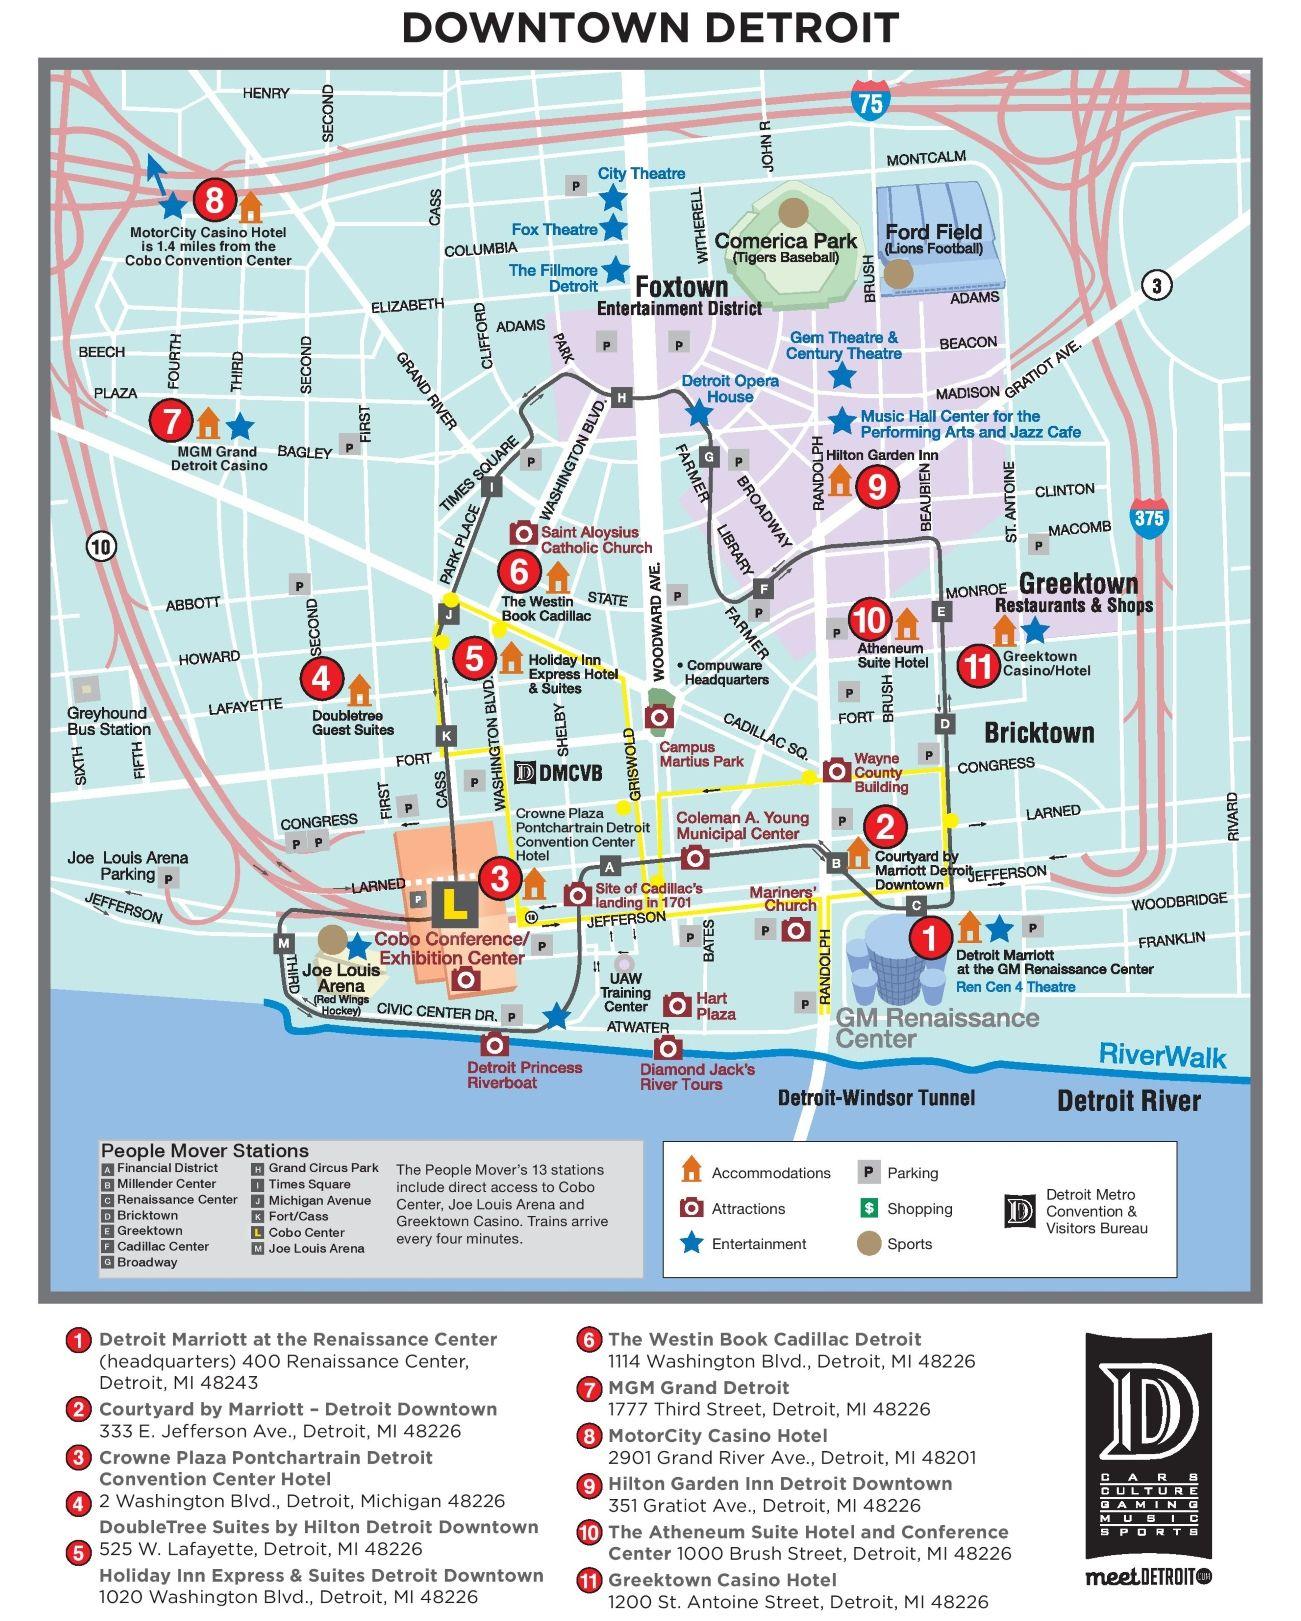 detroit renaissance center map Detroit Tourist Attractions Map Jpg 1 301 1 621 Pixels Detroit detroit renaissance center map